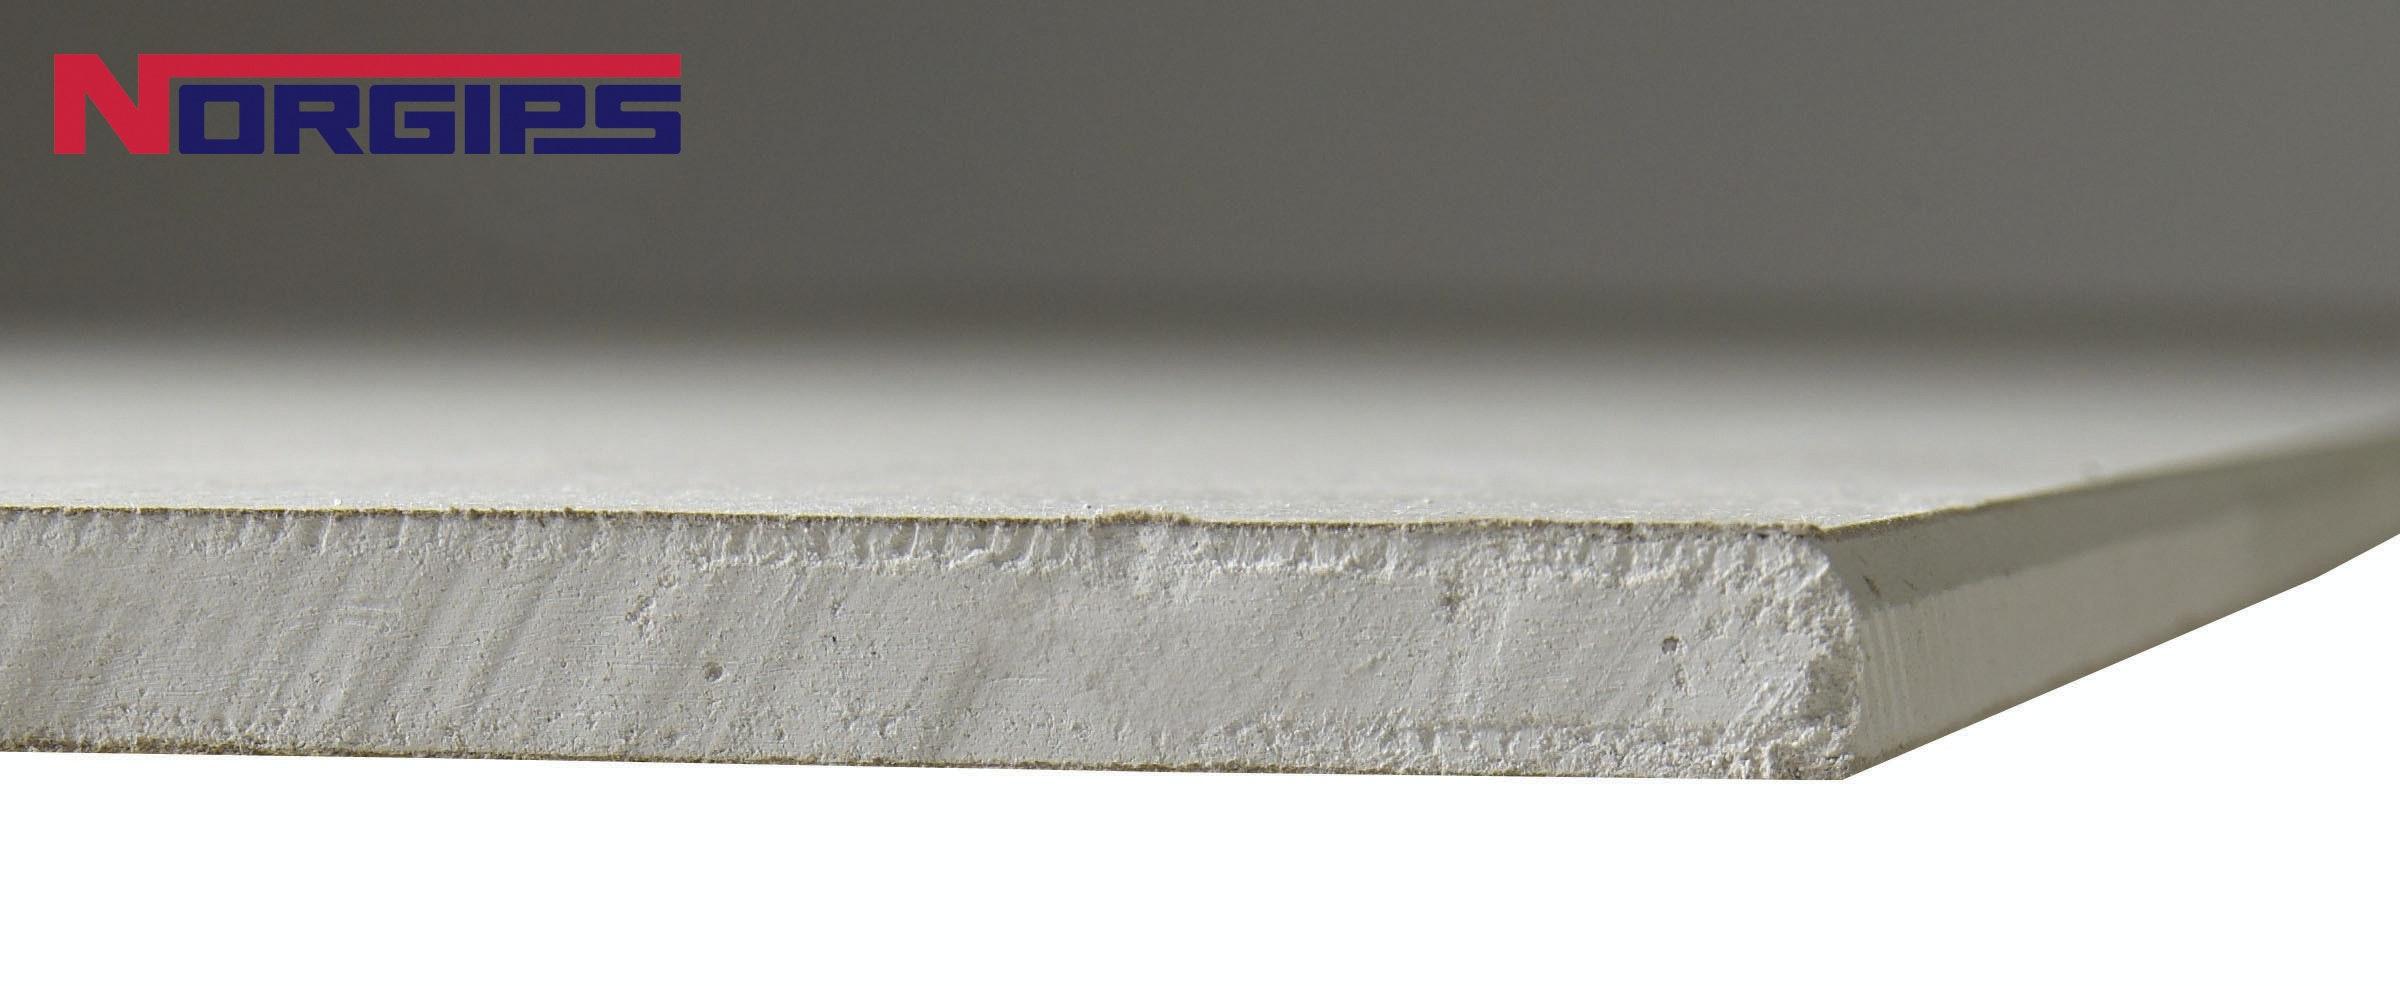 Gipsskiva Norgips Kortplank Fasad 13X600X2400mm